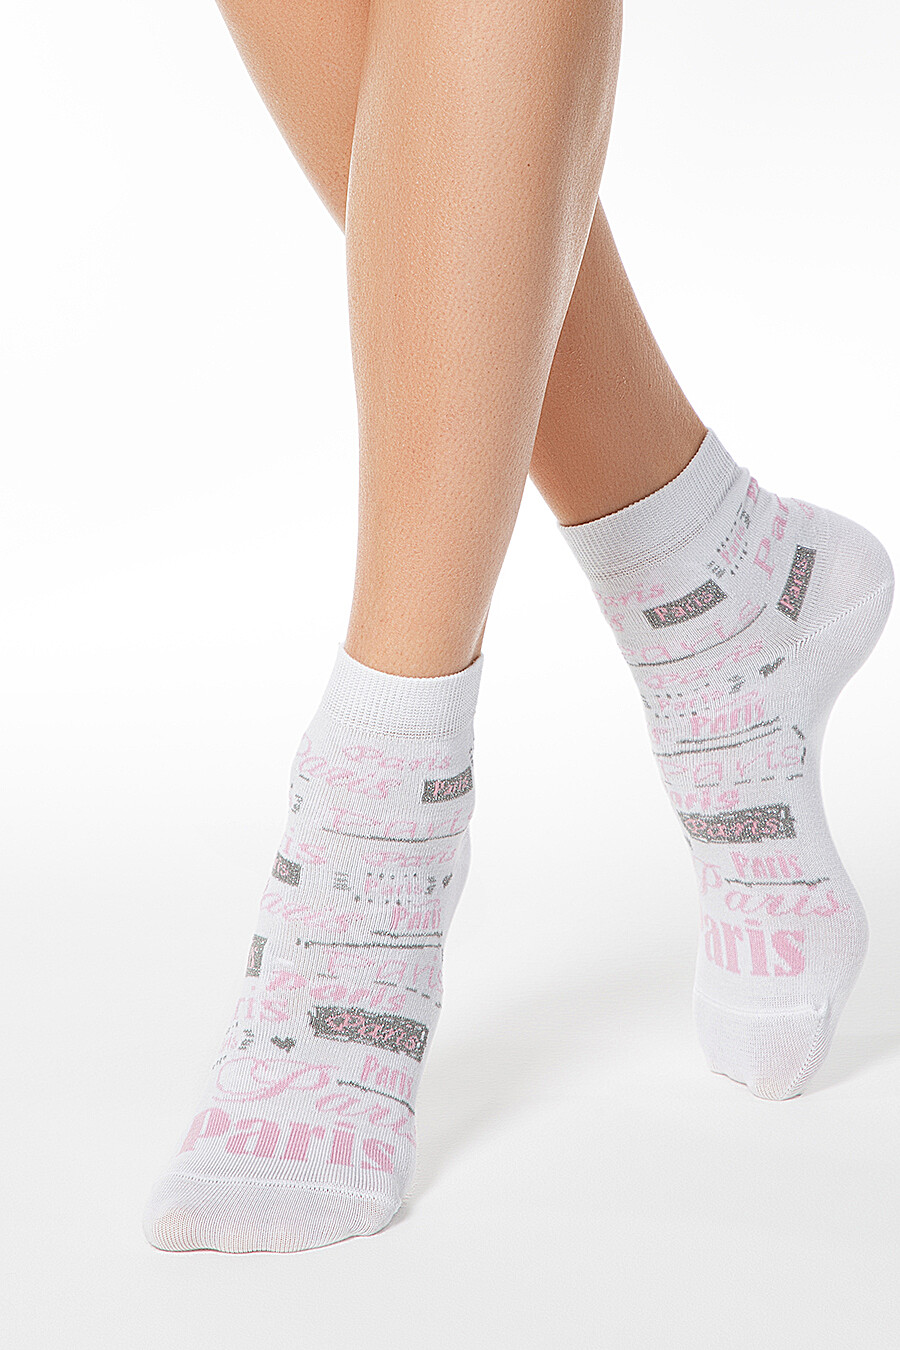 Носки   CONTE KIDS (140119), купить в Optmoyo.ru